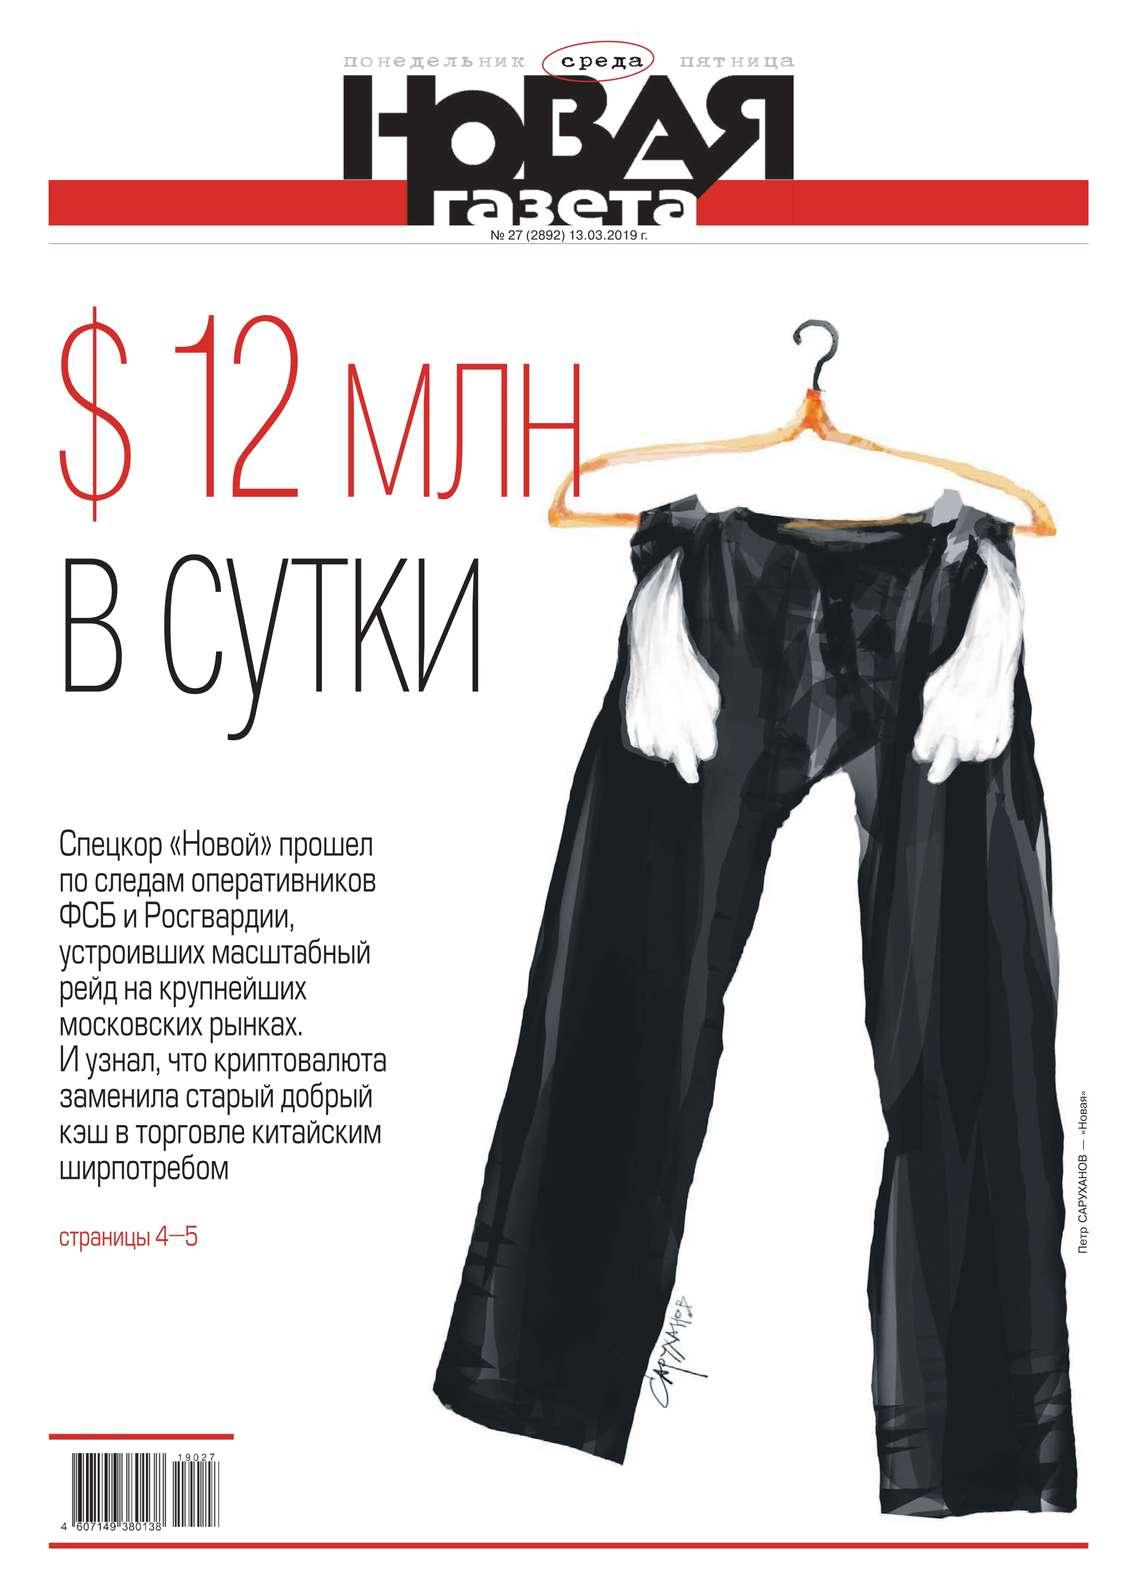 Новая Газета 27-2019